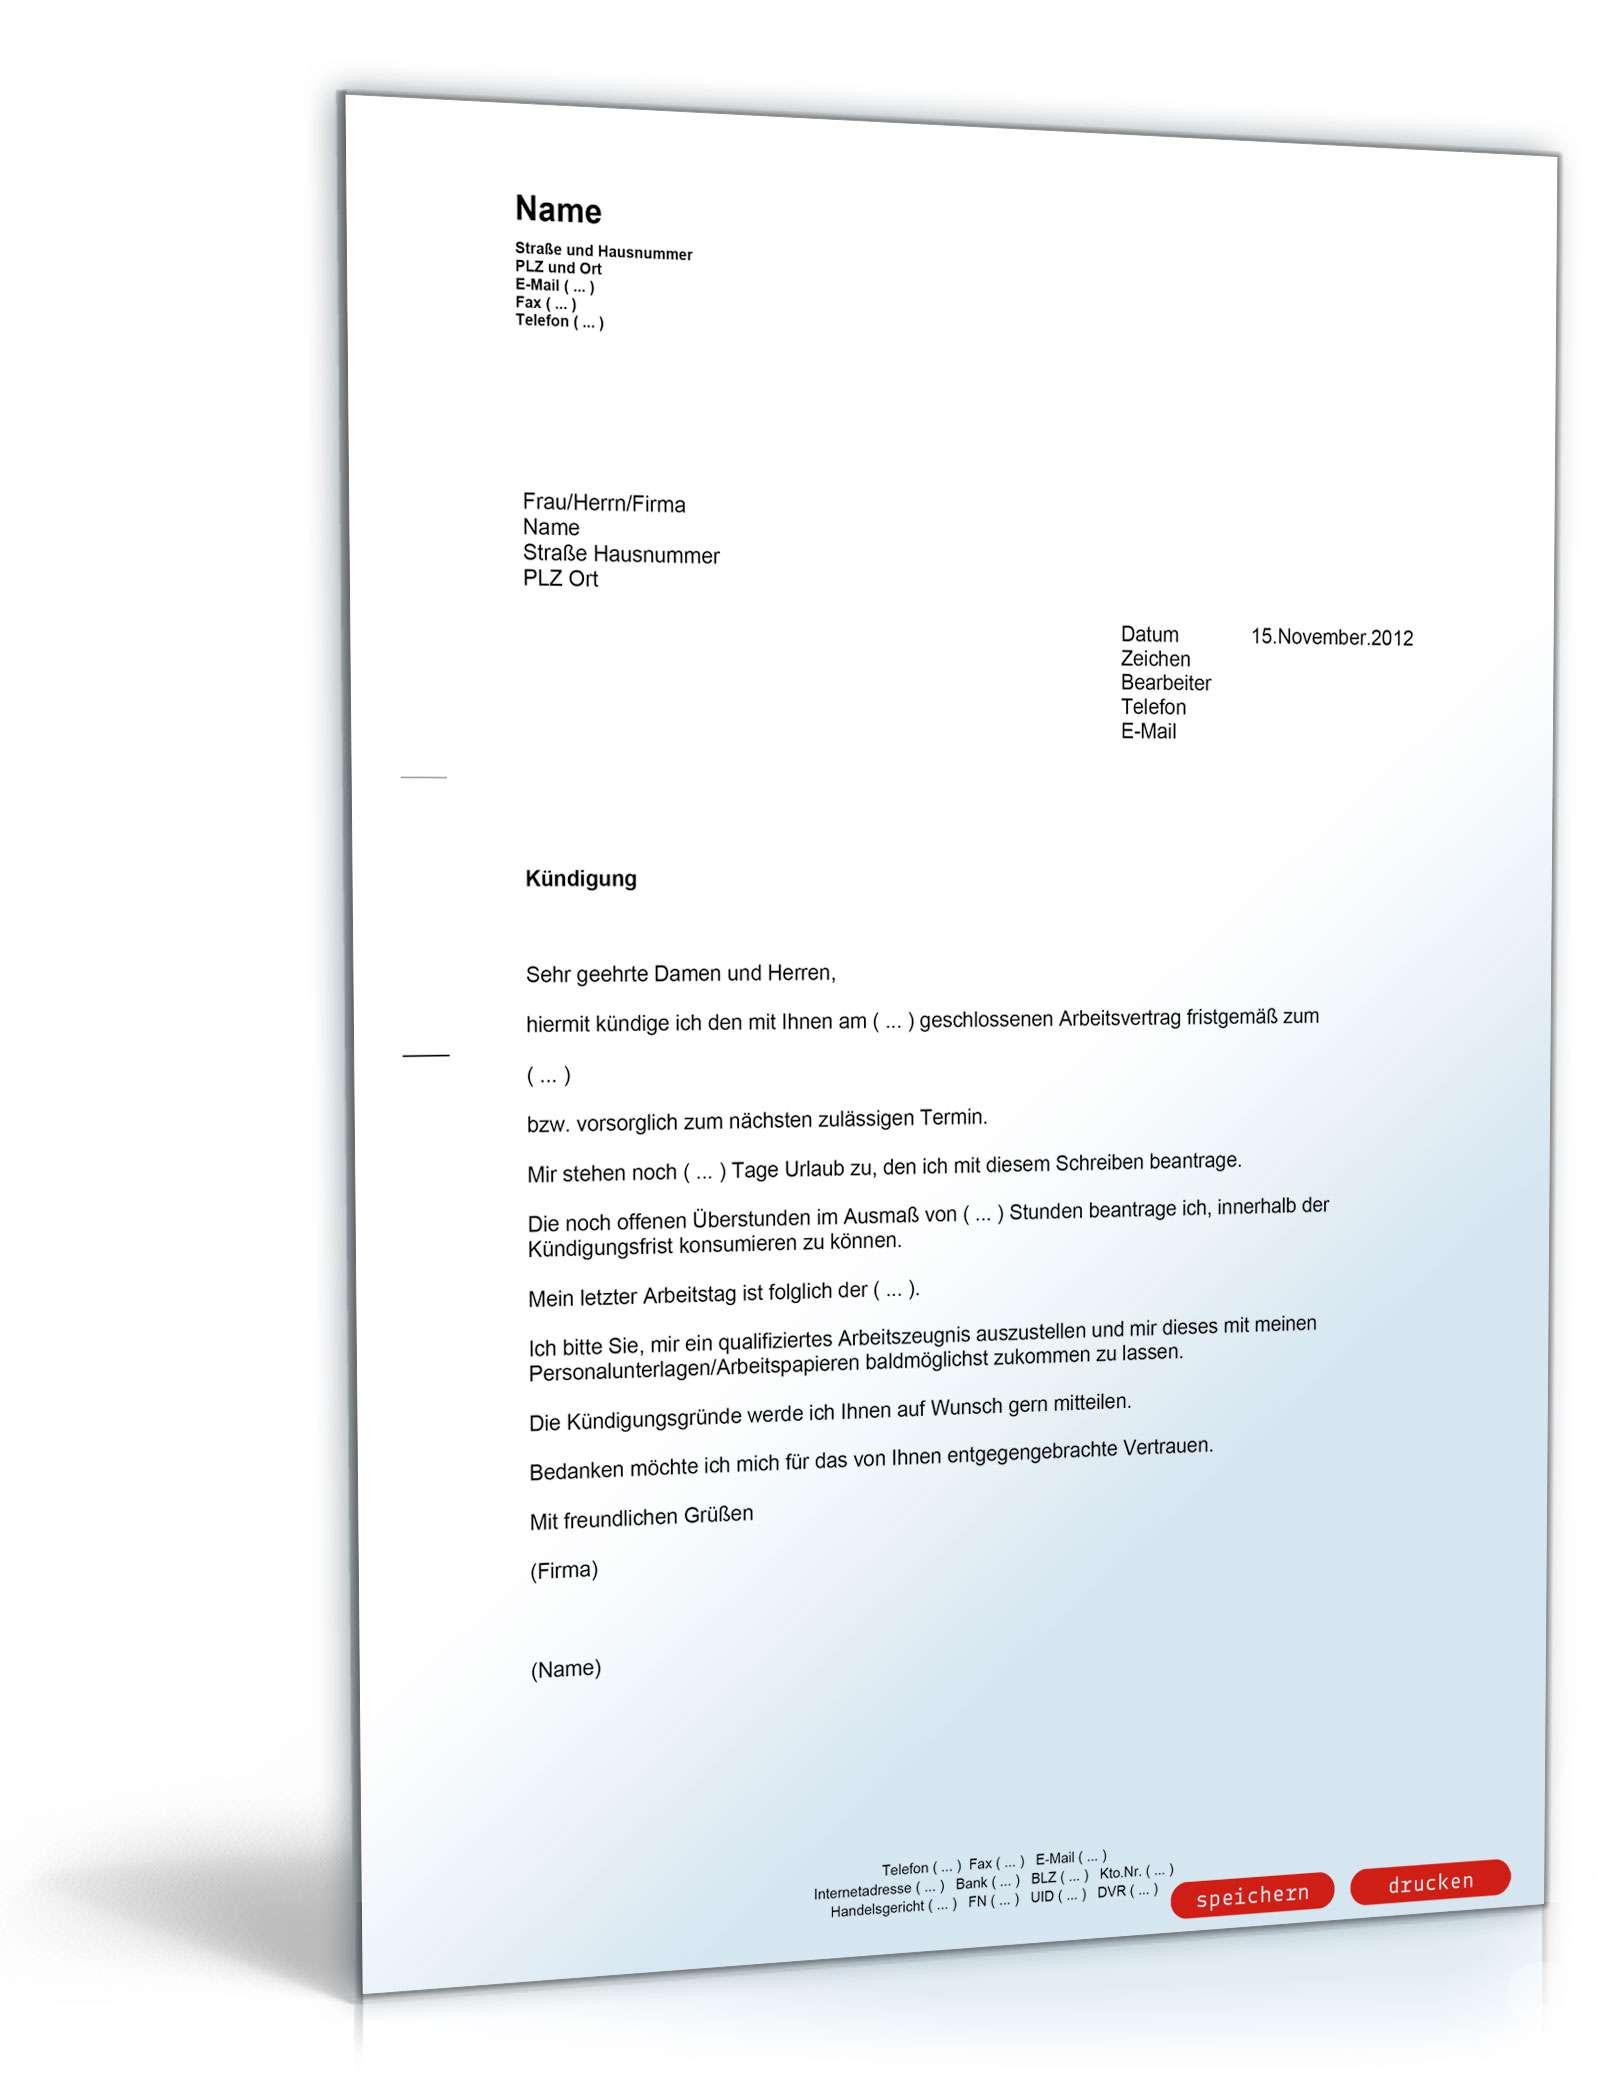 Ordentliche Kündigung An Einen Arbeitgeber Muster Vorlage Zum Download